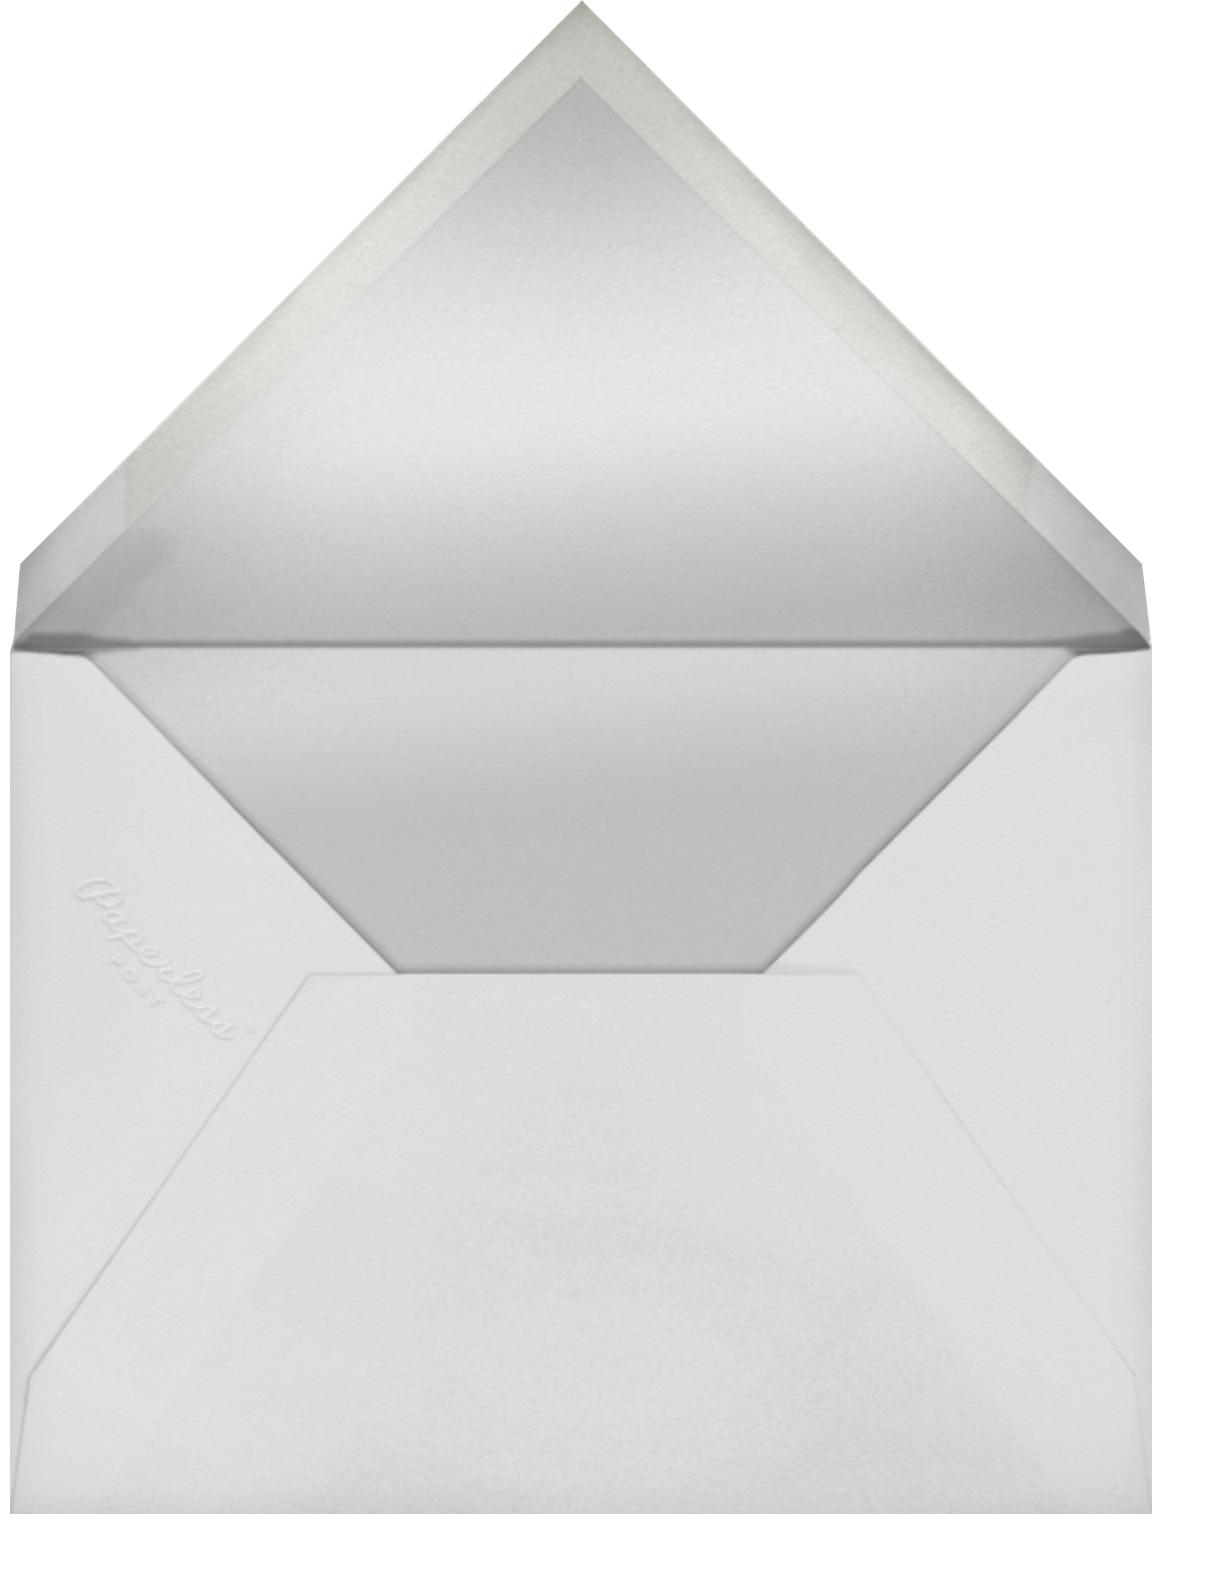 Ghera II (Menu) - White/Blood Orange - Paperless Post - Menus - envelope back